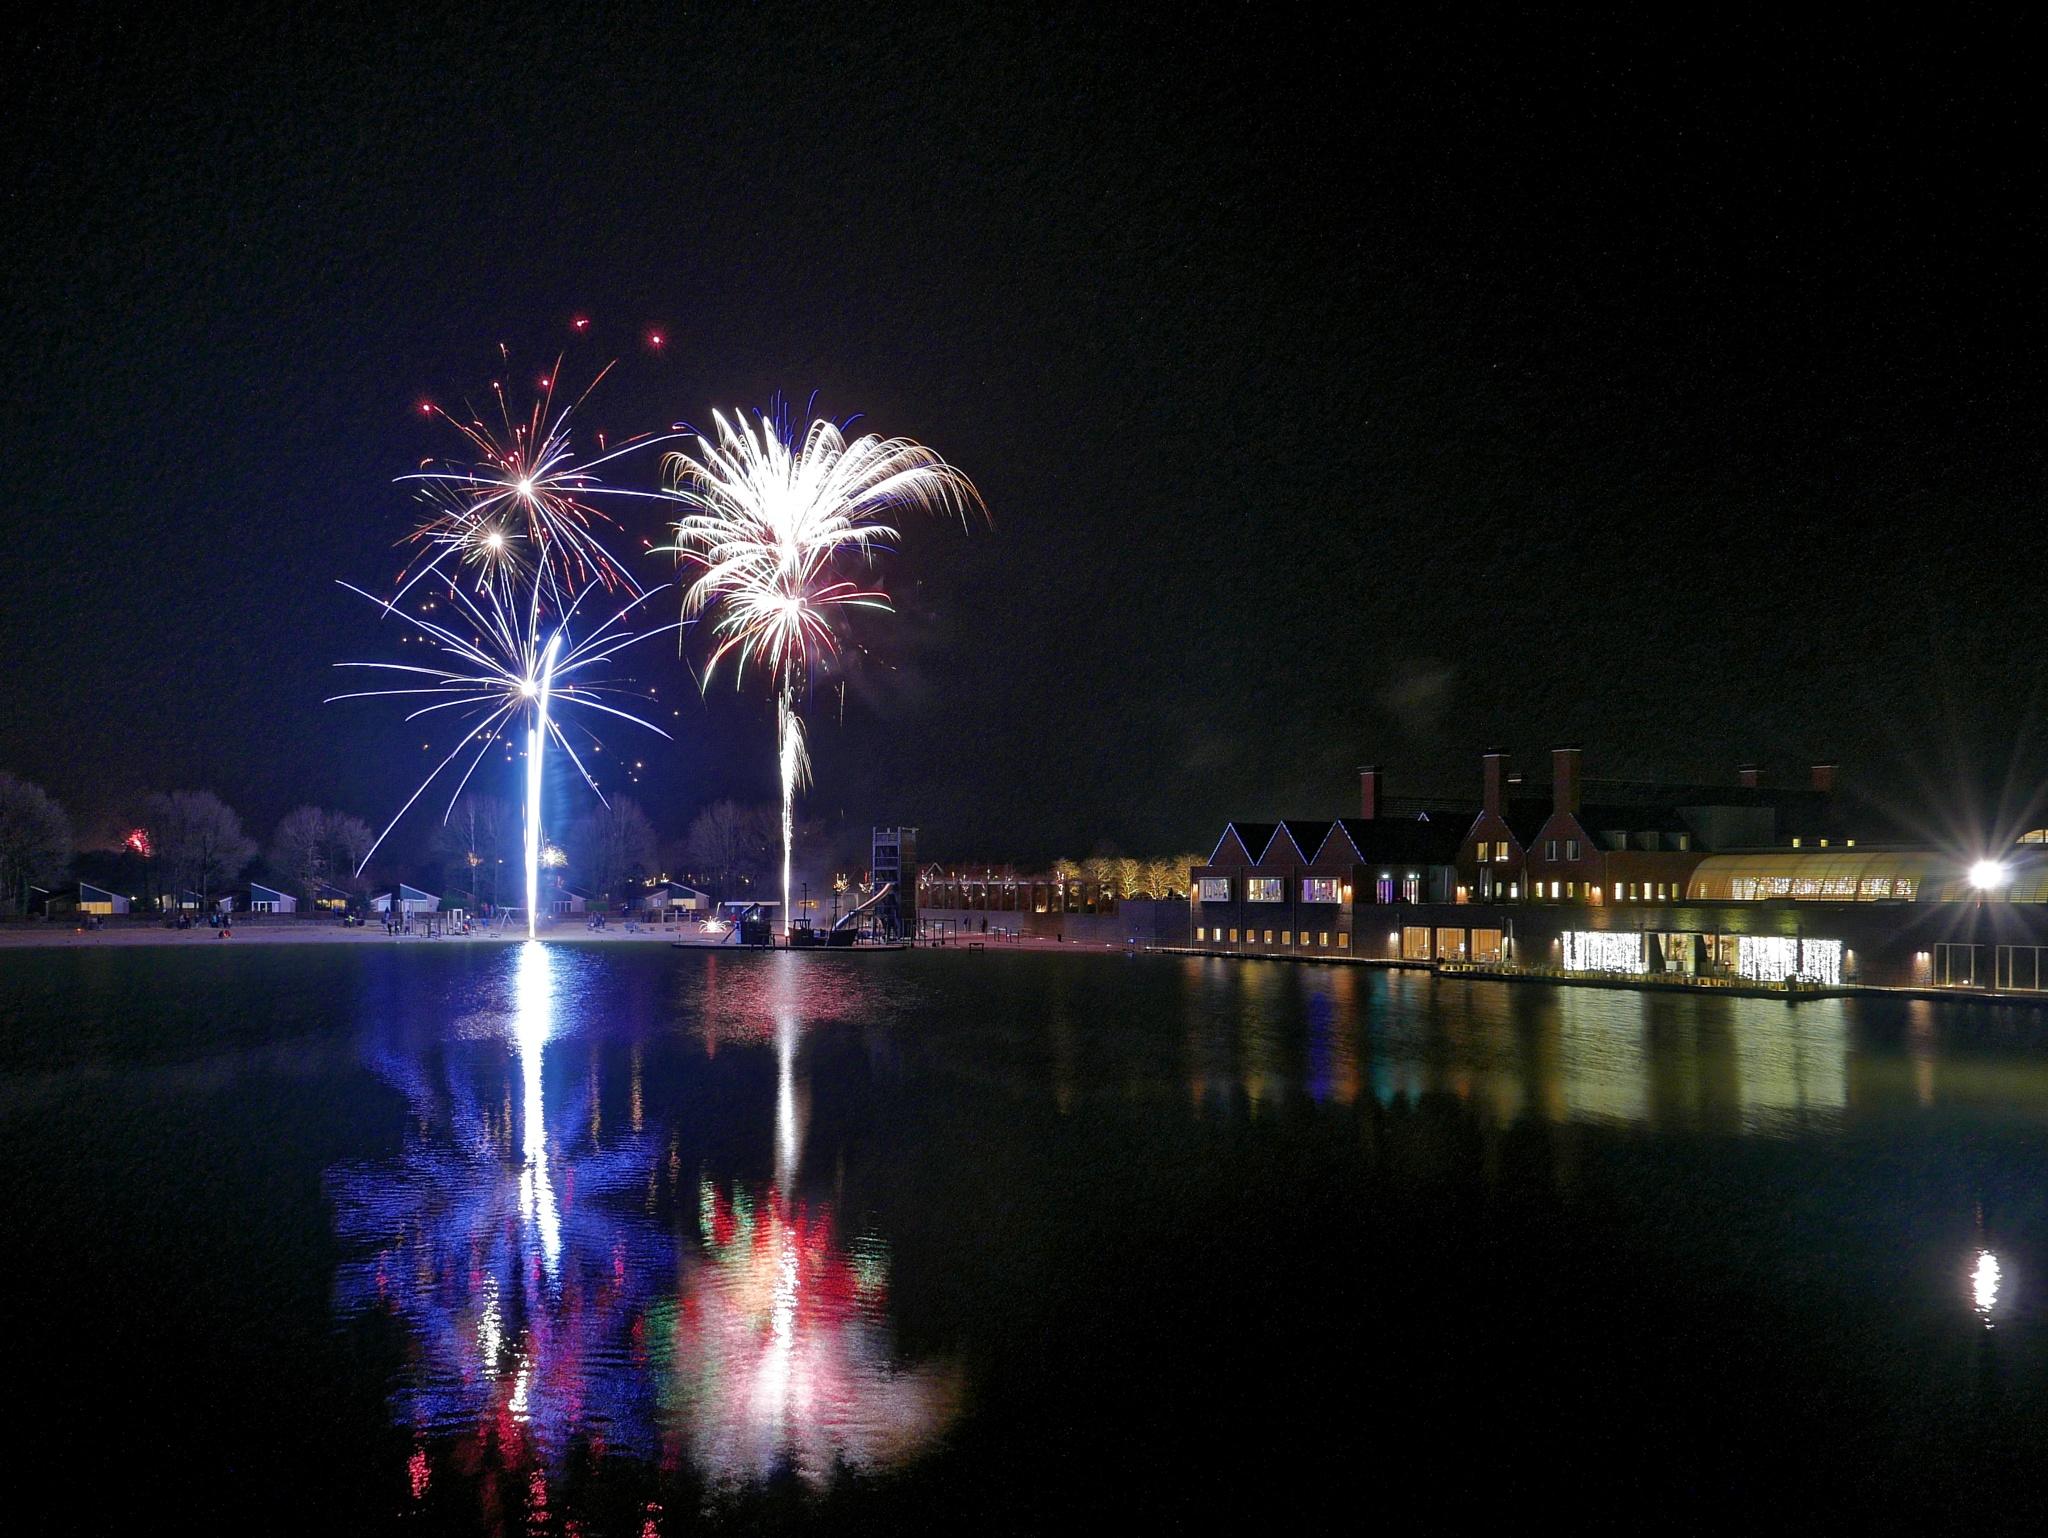 Fireworks at hof van saksen by theseend